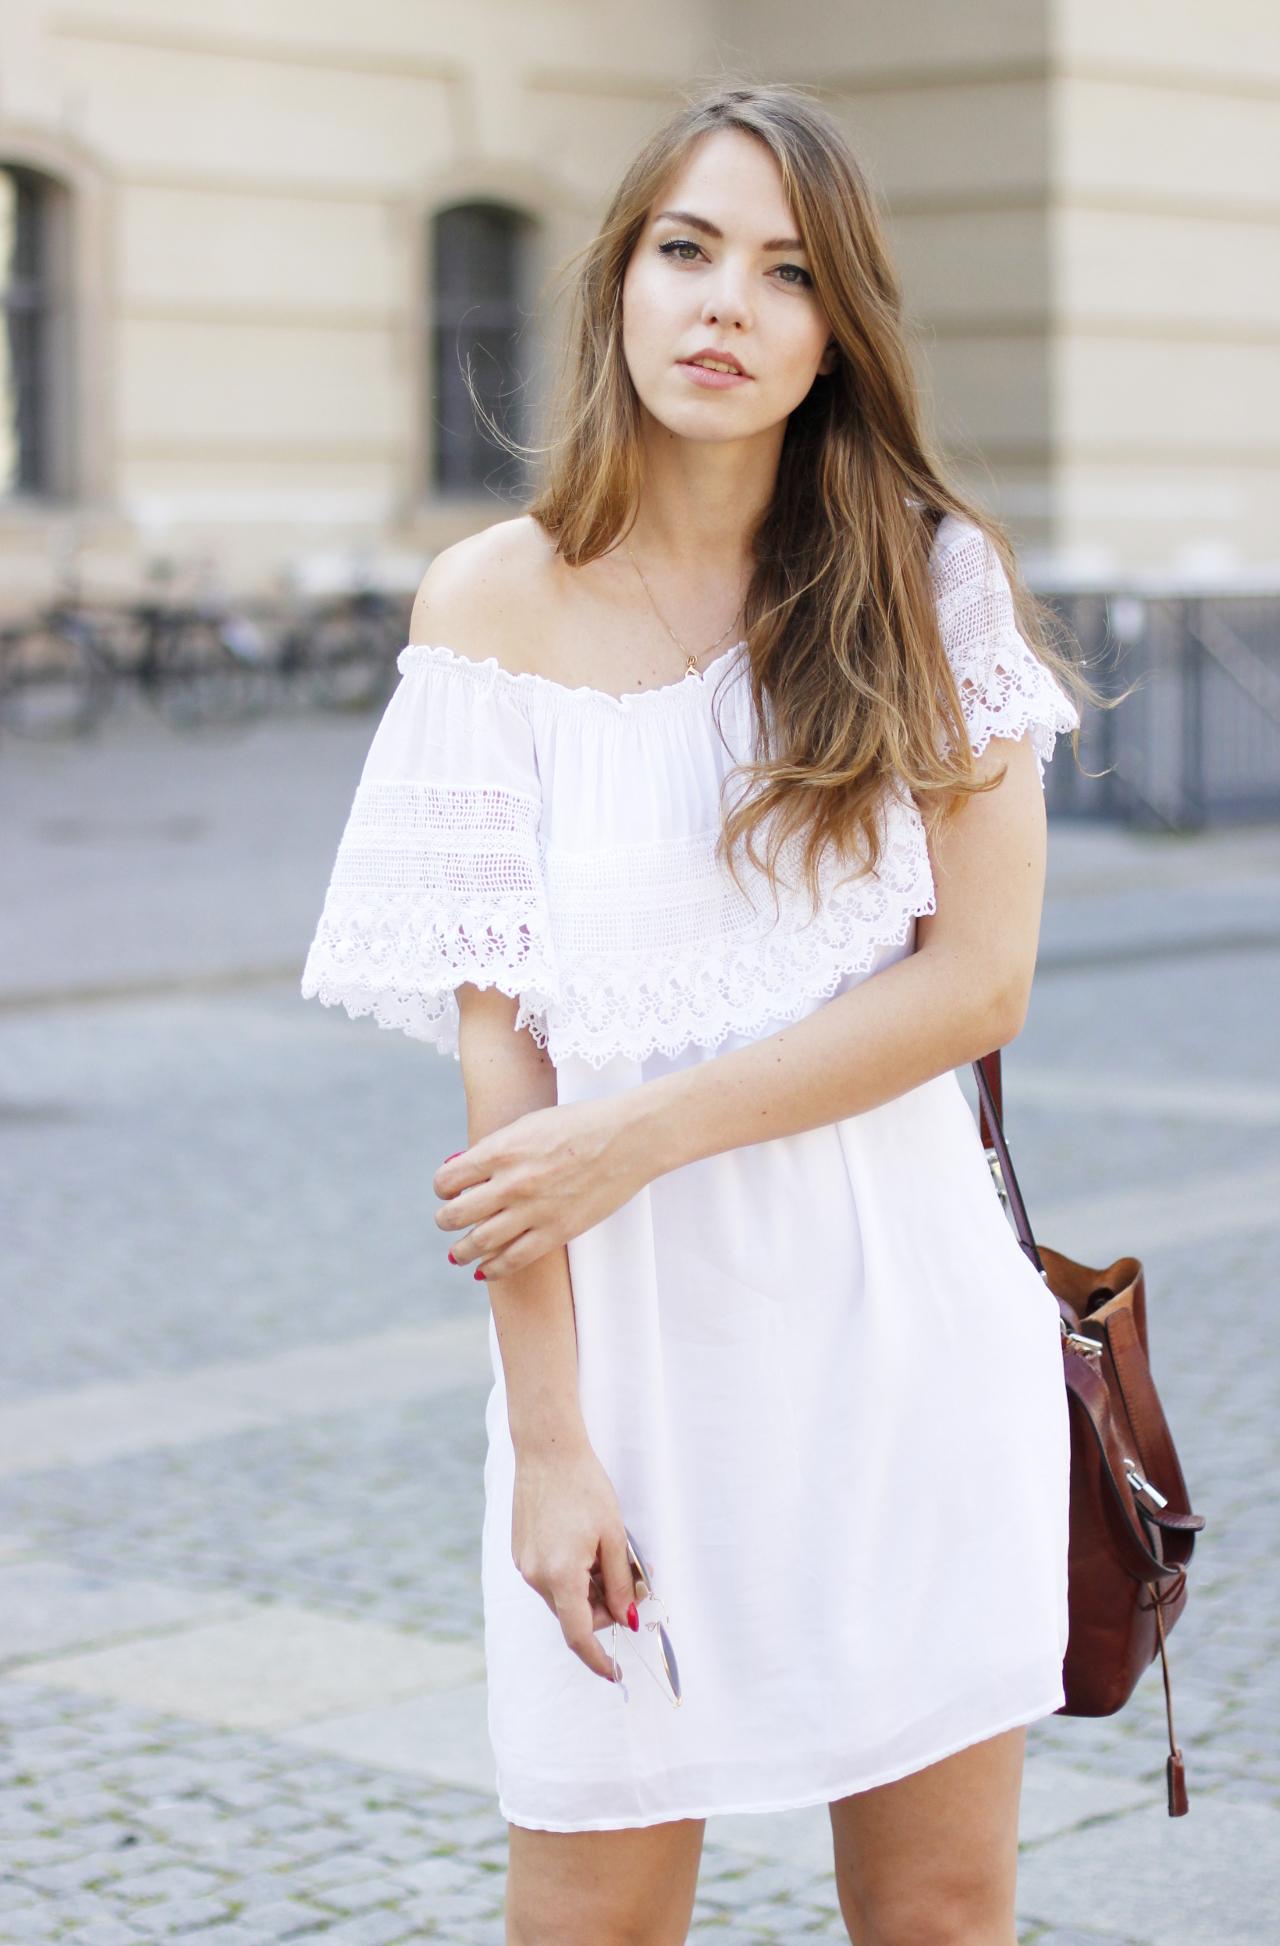 Freie Schulter Kleid, Gladiatorensandalen